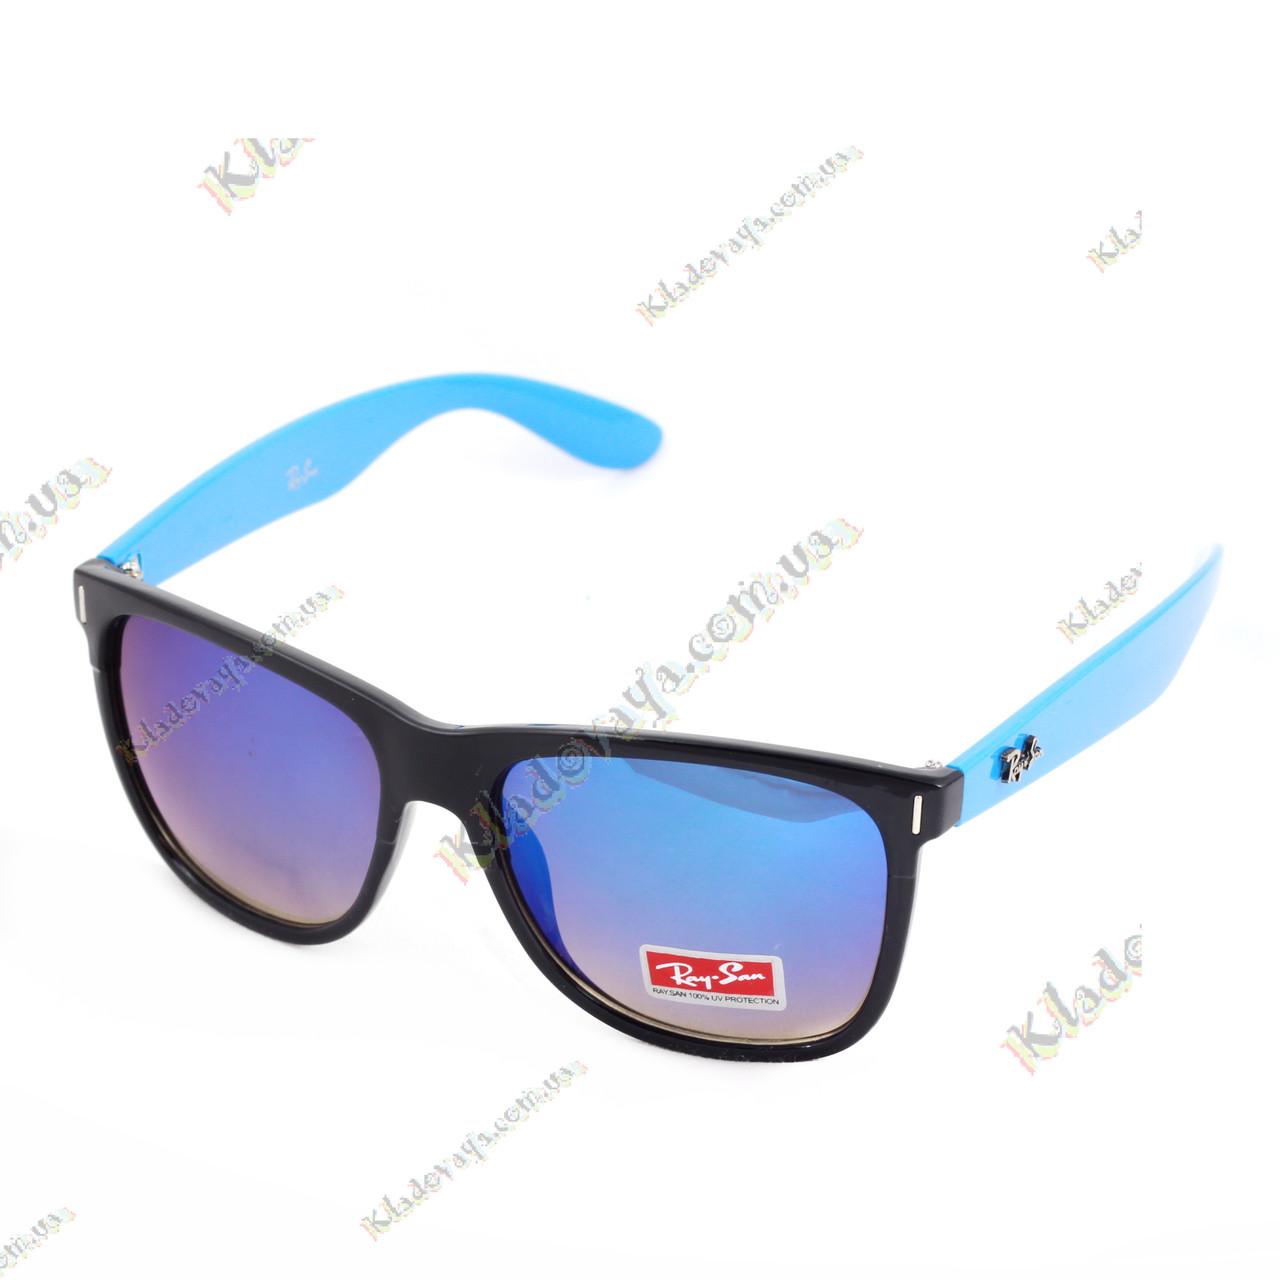 7f33fda7ac3b Зеркальные очки Ray San Wayfarer синие (бензин, дифракция) -  Интернет-магазин